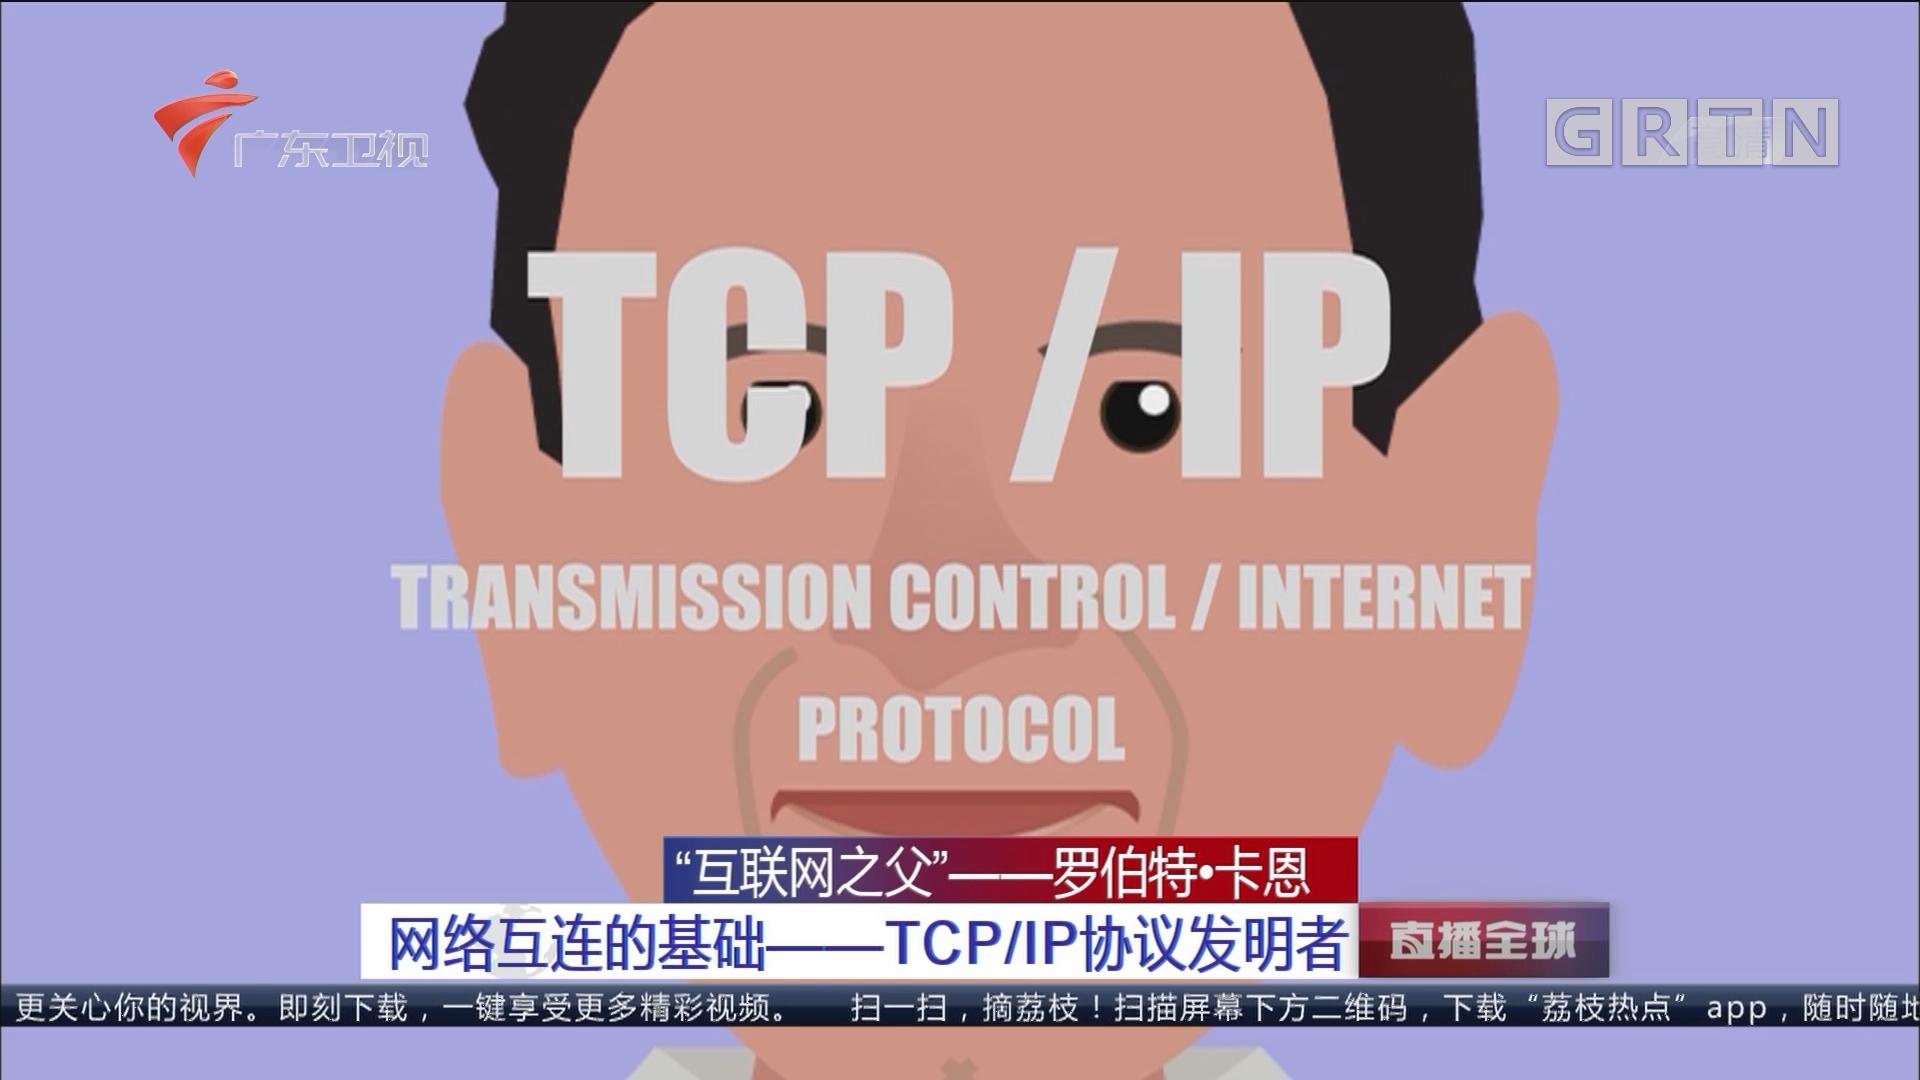 """""""互联网之父""""——罗伯特·卡恩 网络互连的基础——TCP/IP协议发明者"""